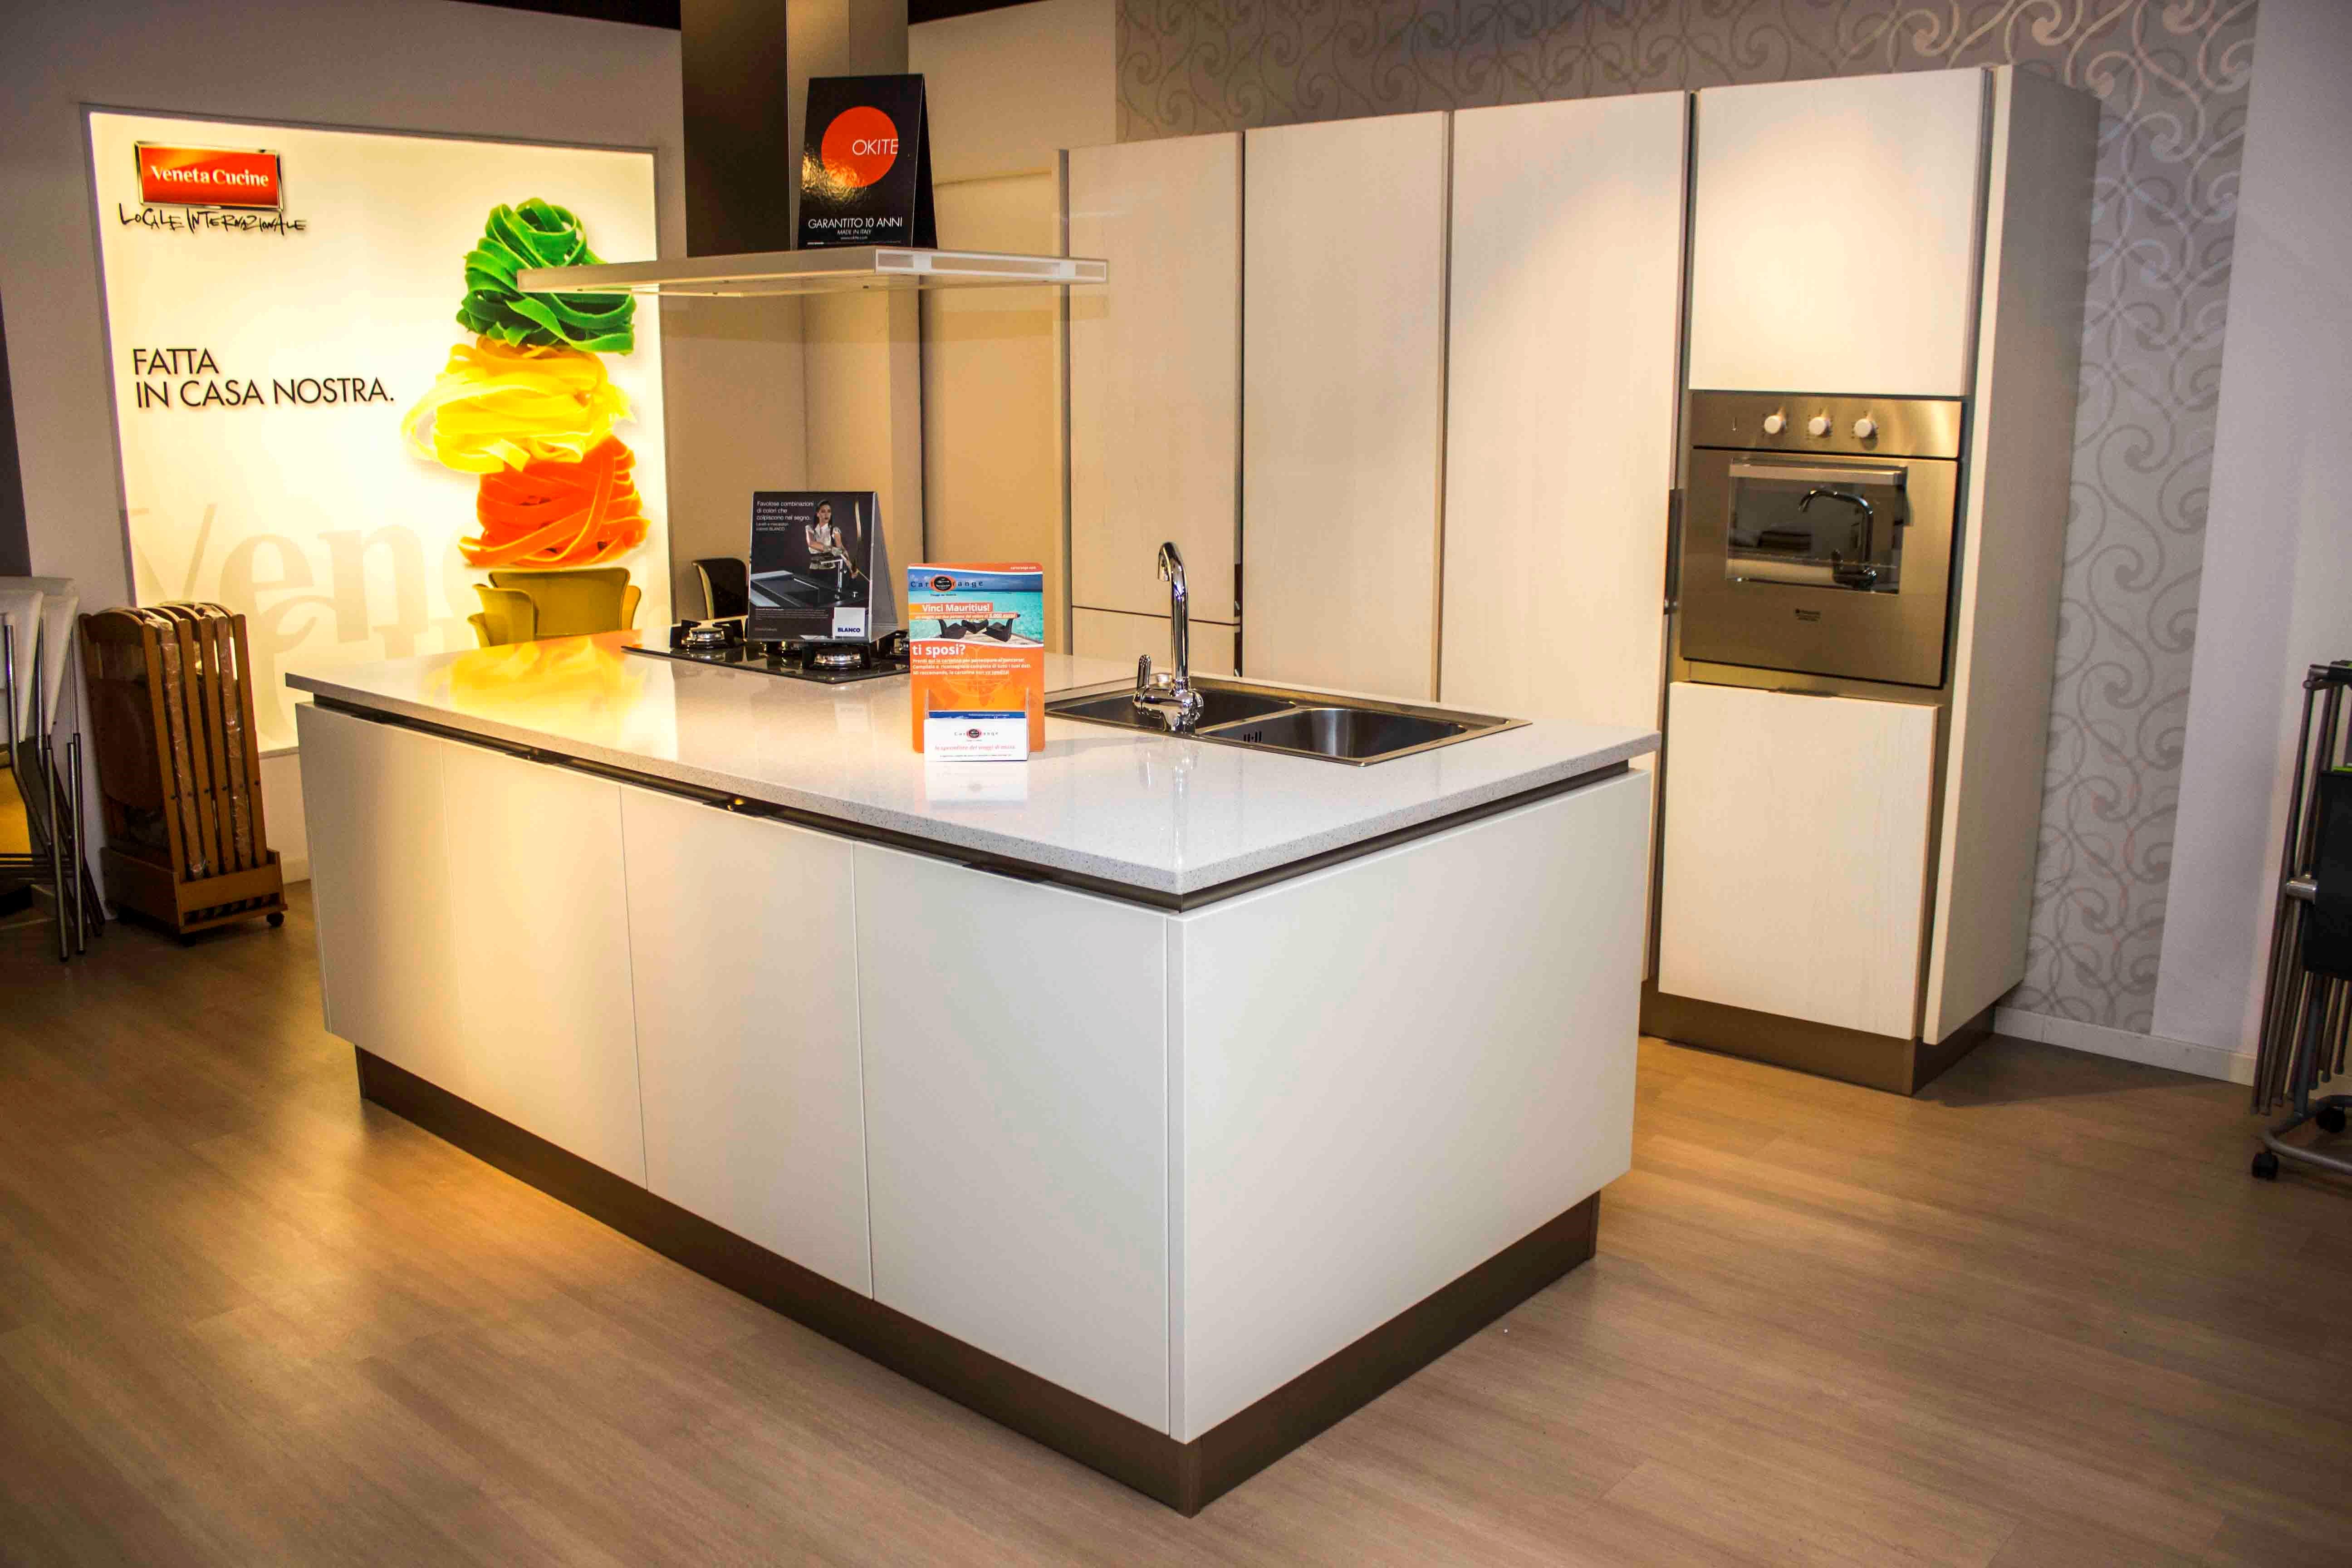 Pannelli Rivestimento Cucina Ikea ~ Tutte le Immagini per la ...